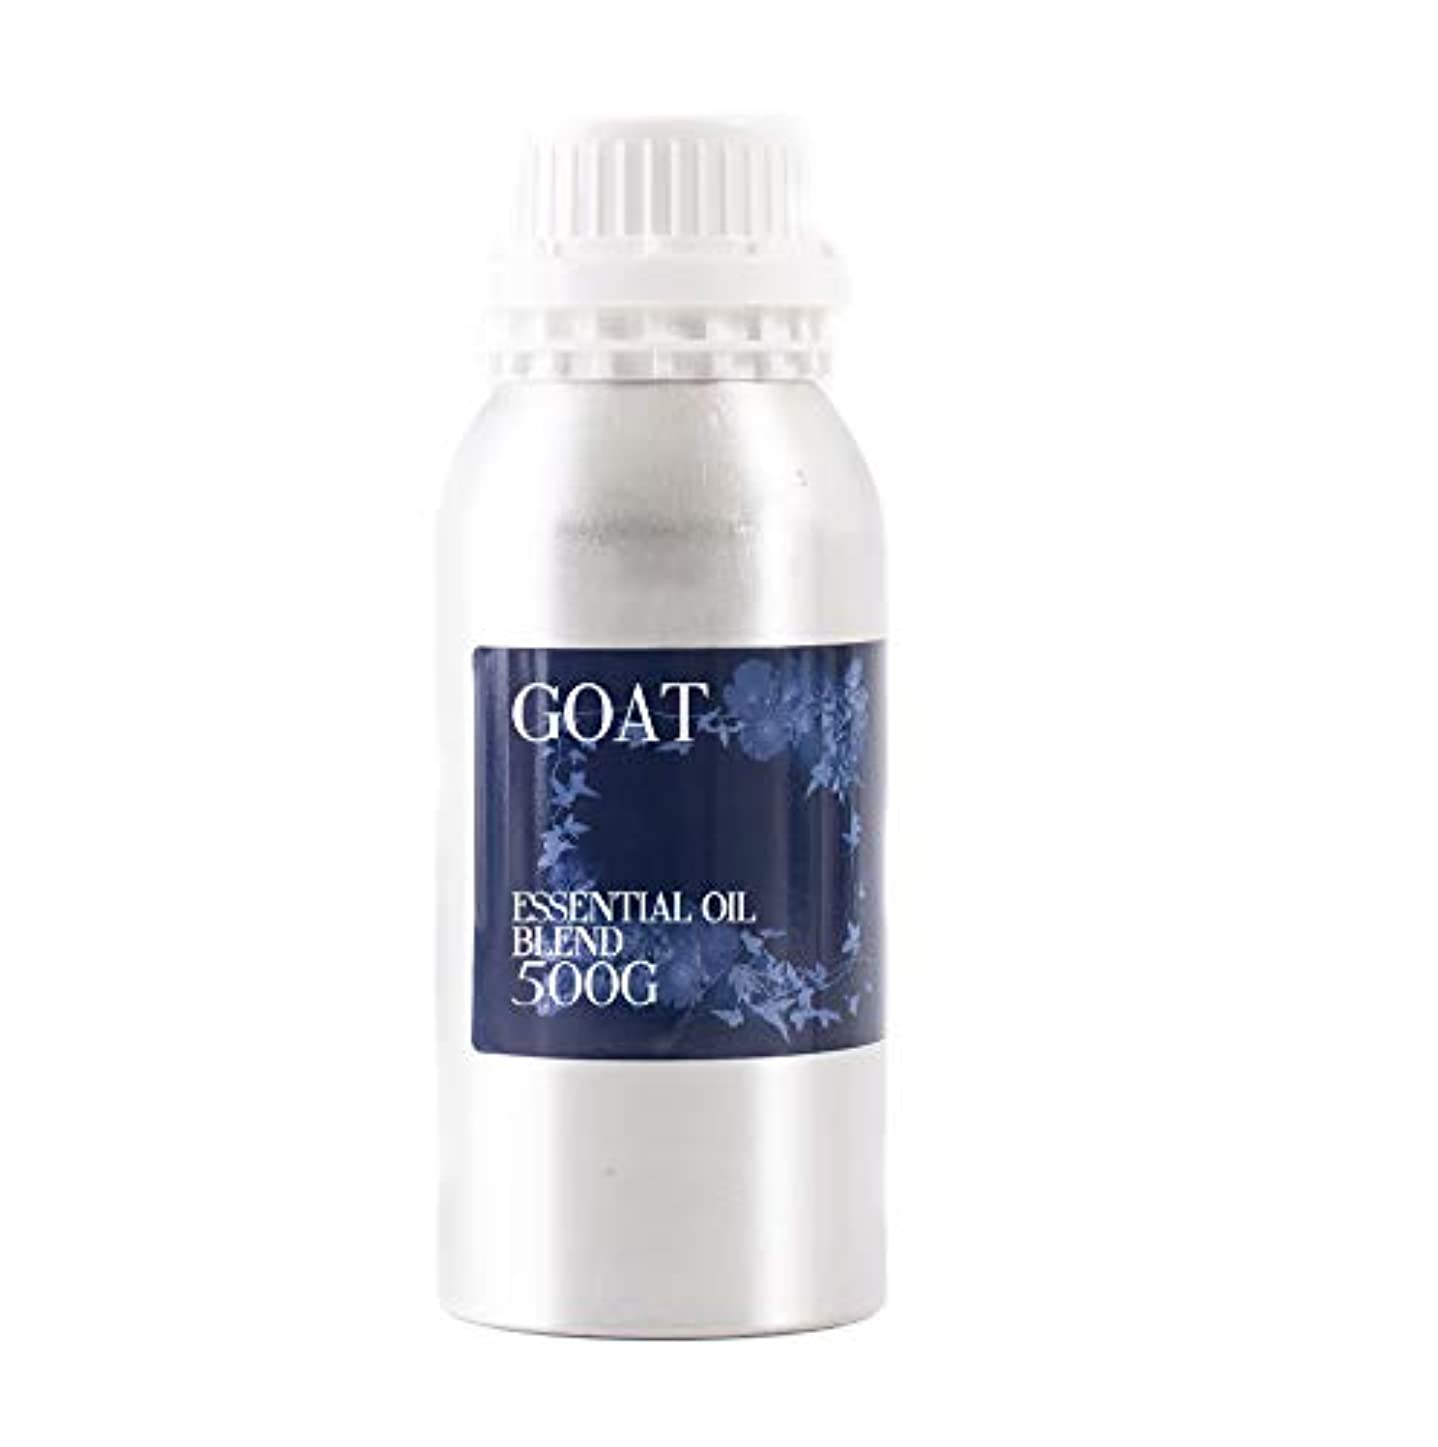 ヒゲクジラコントローラ電話をかけるMystix London   Goat   Chinese Zodiac Essential Oil Blend 500g